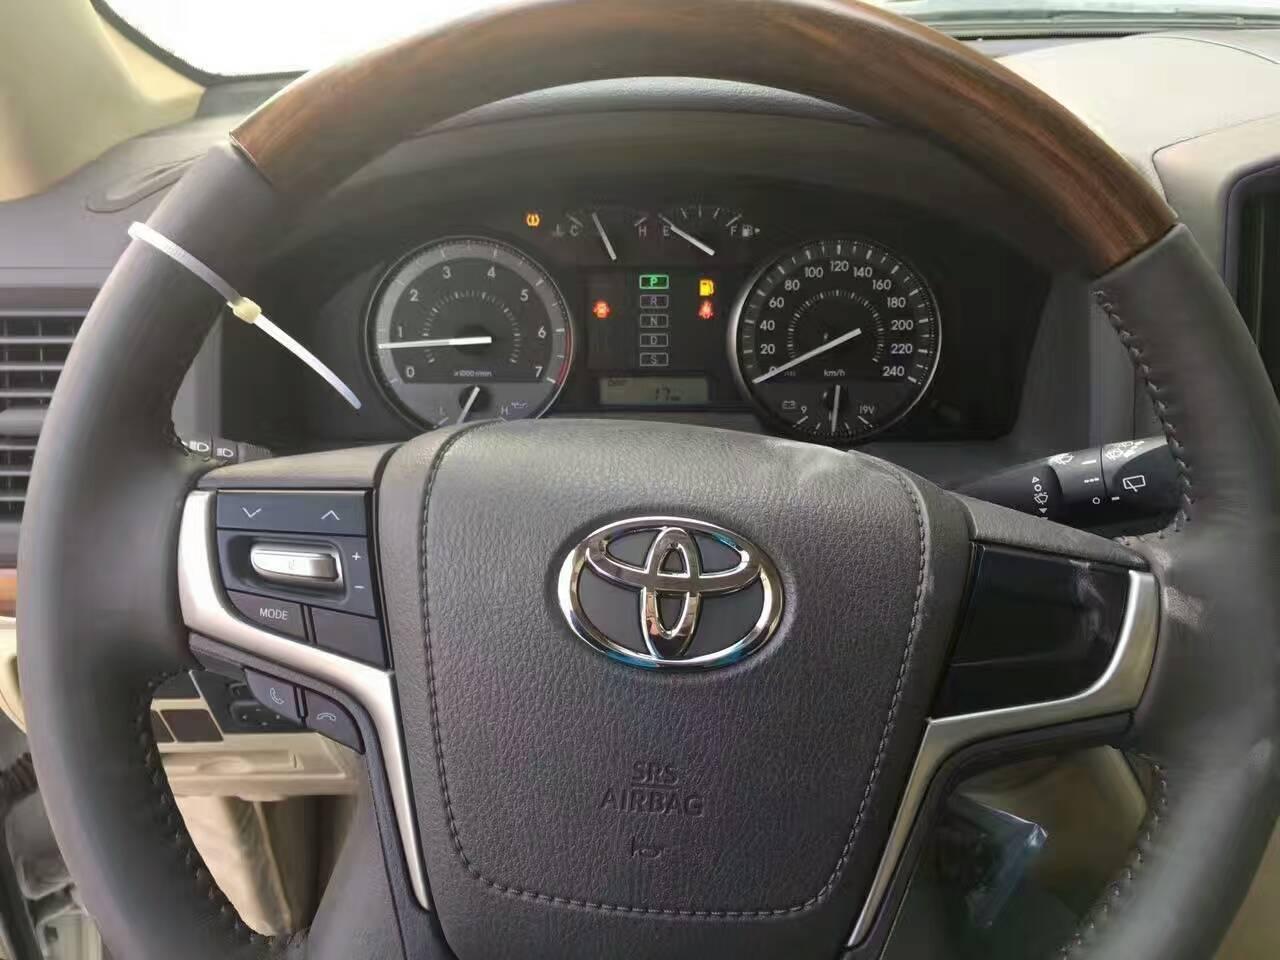 内饰方面:17款丰田酷路泽4000采用了全时四轮驱动,每个轮子上配有电子辅助制动,配合电子中央差速锁止按钮,几乎没有路面可以难倒它。 此外,还升级了Crawl低速巡航驾驶辅助系统,将速度调节功能从原来的3挡升级成了5挡,从而进一步细化驾驶者对车辆的控制。